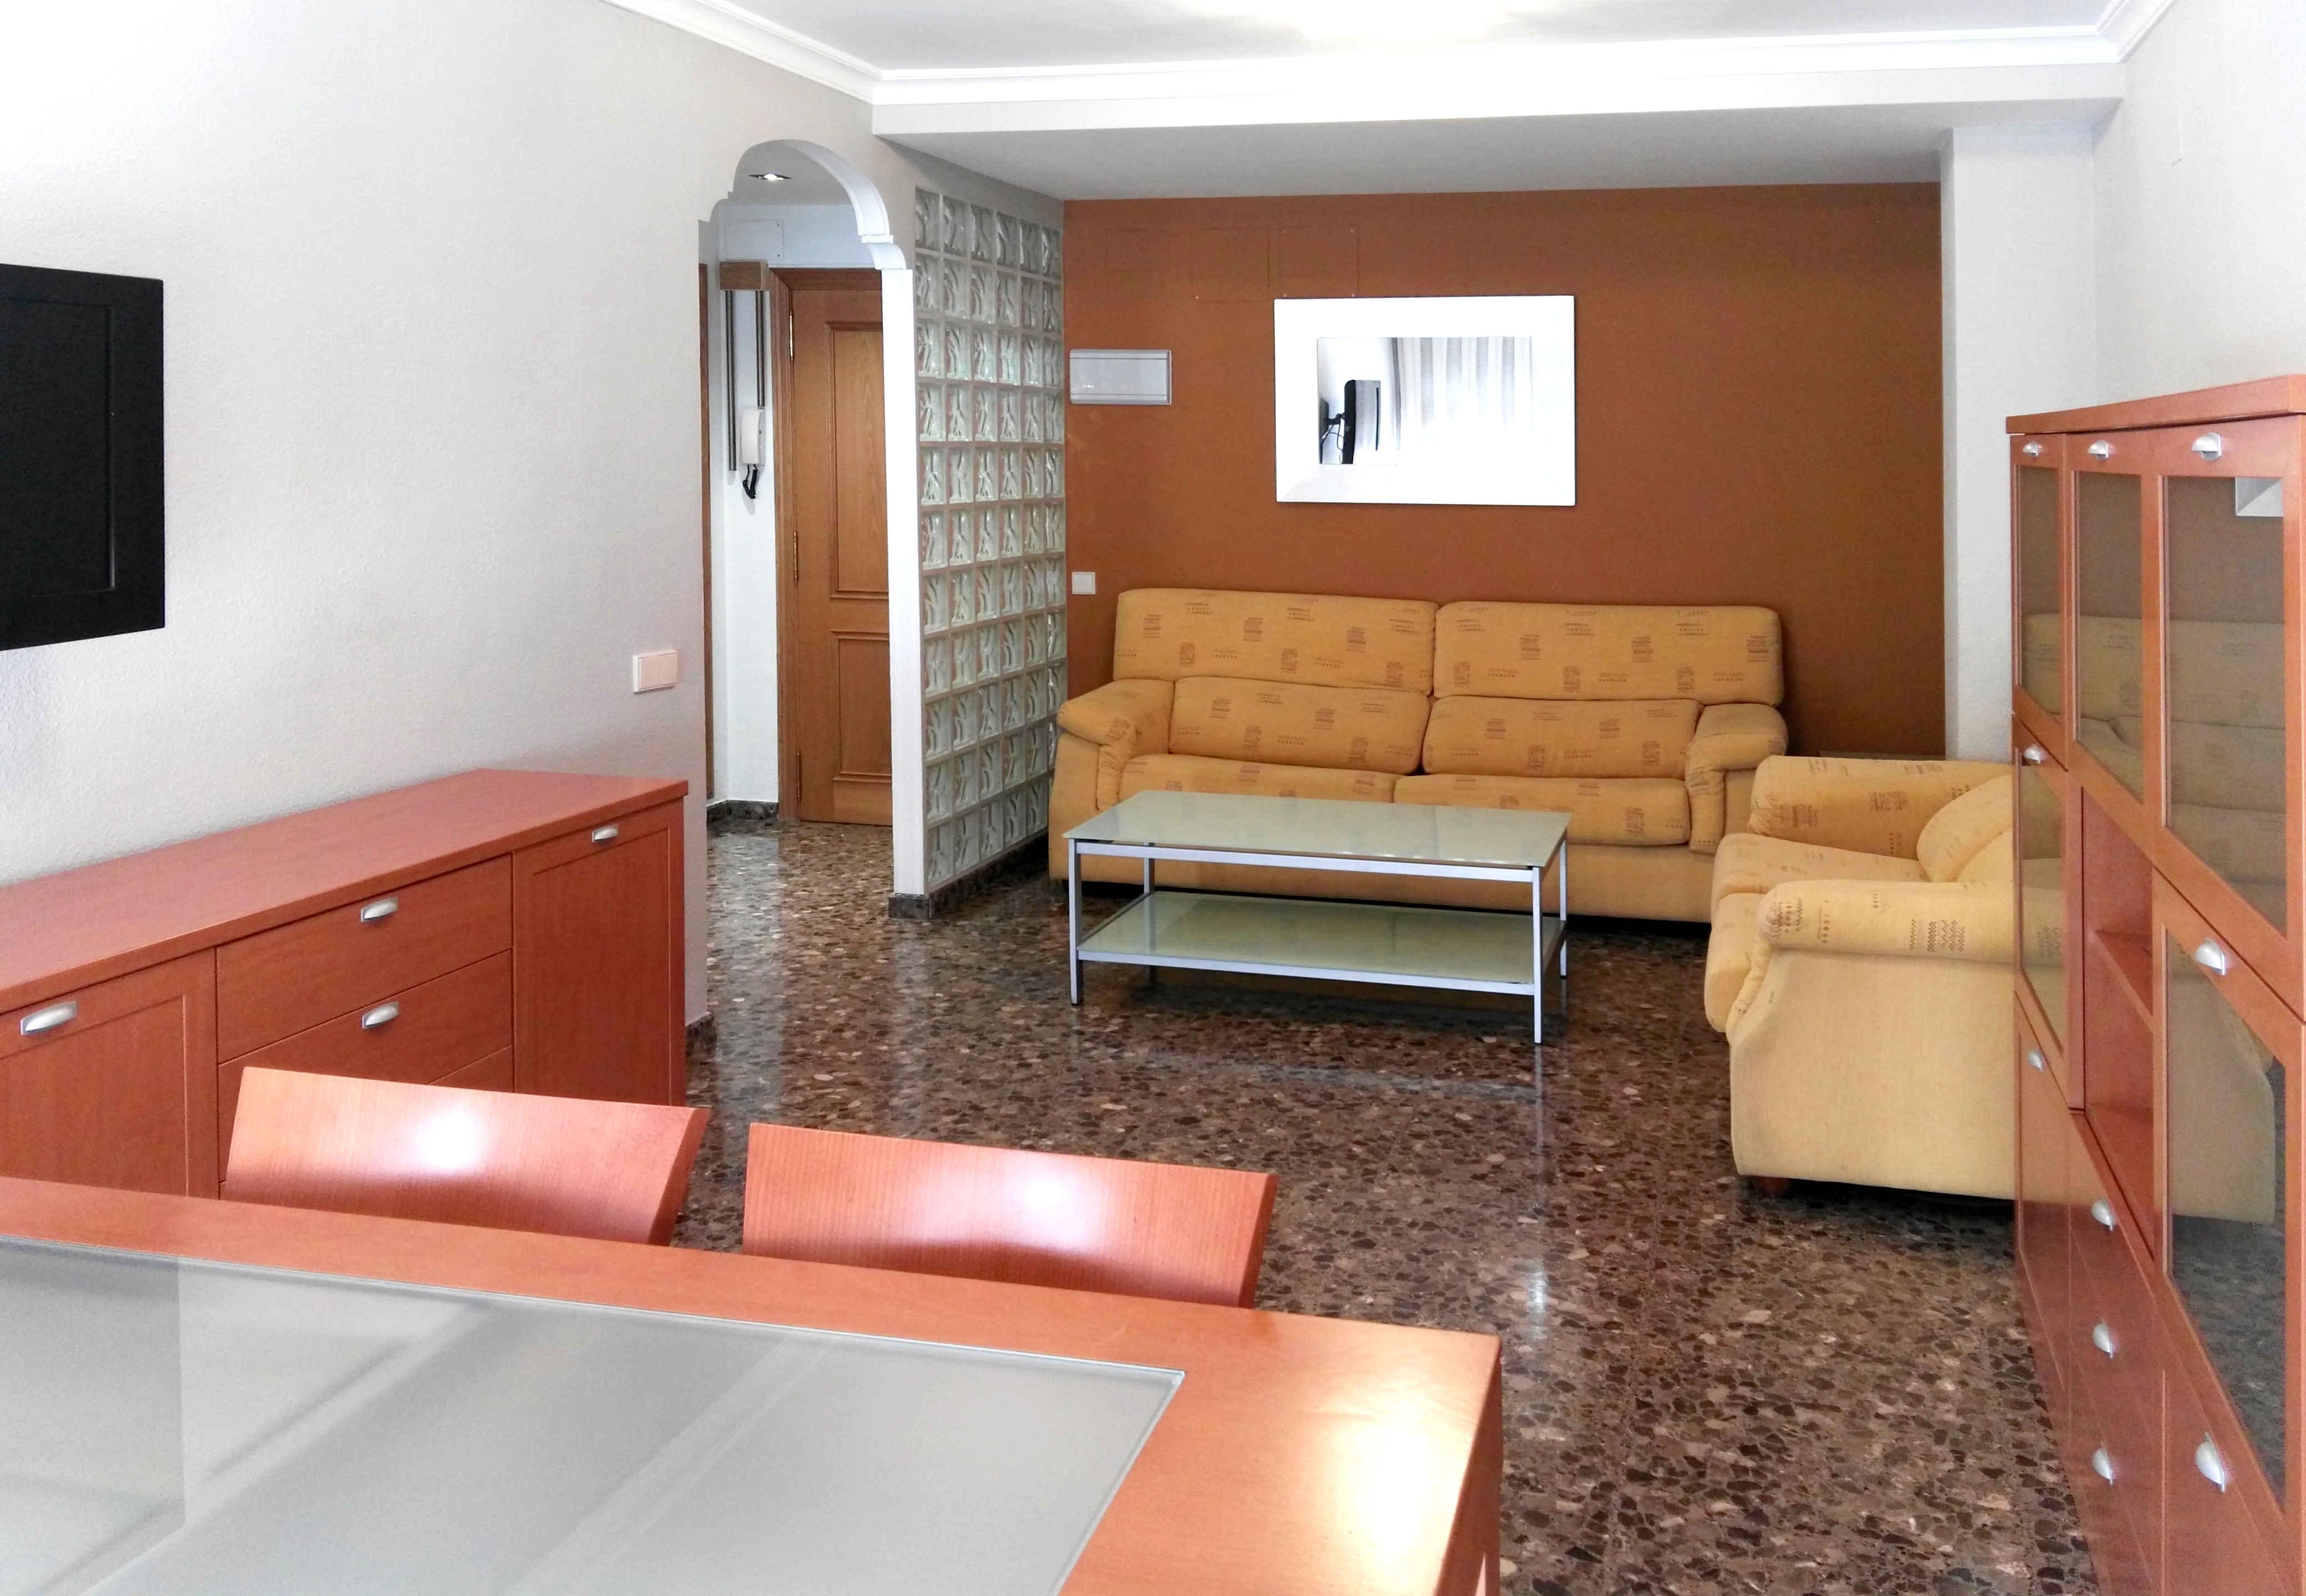 194982 - Piso en venta en Valencia / Piso en Patraix